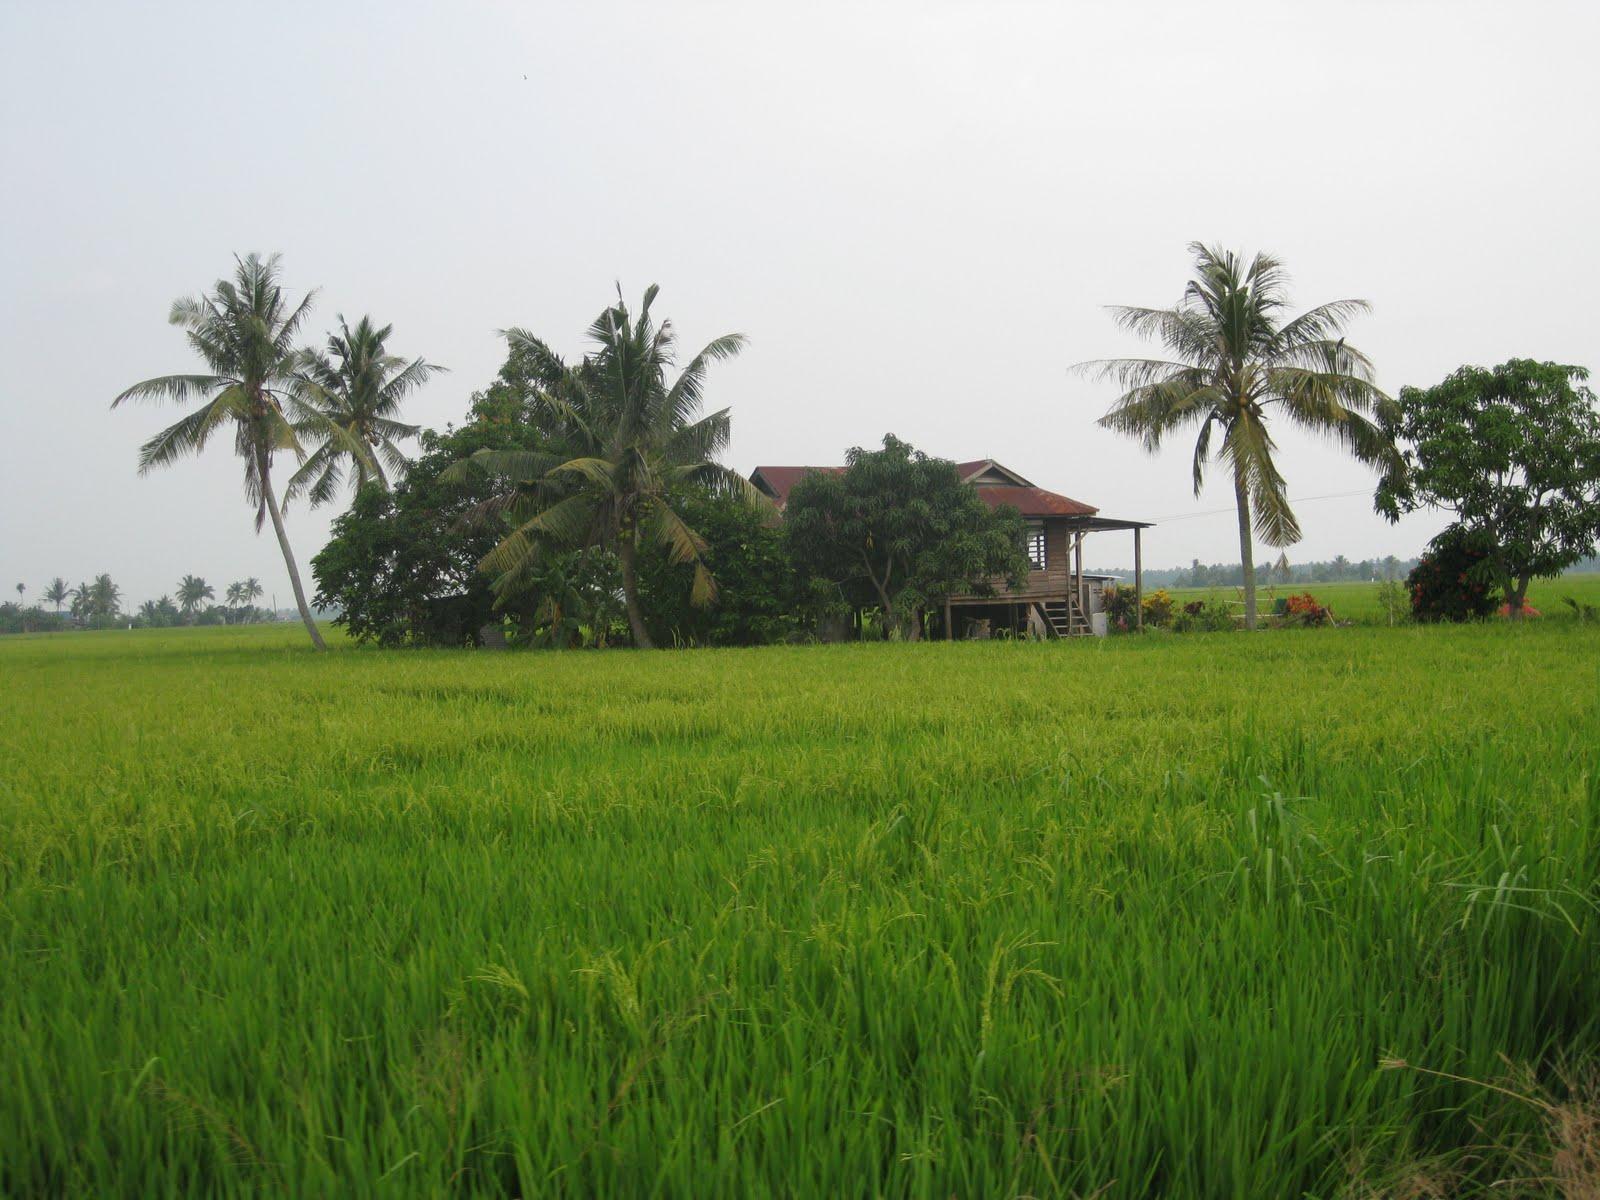 pemandangan sawah padi